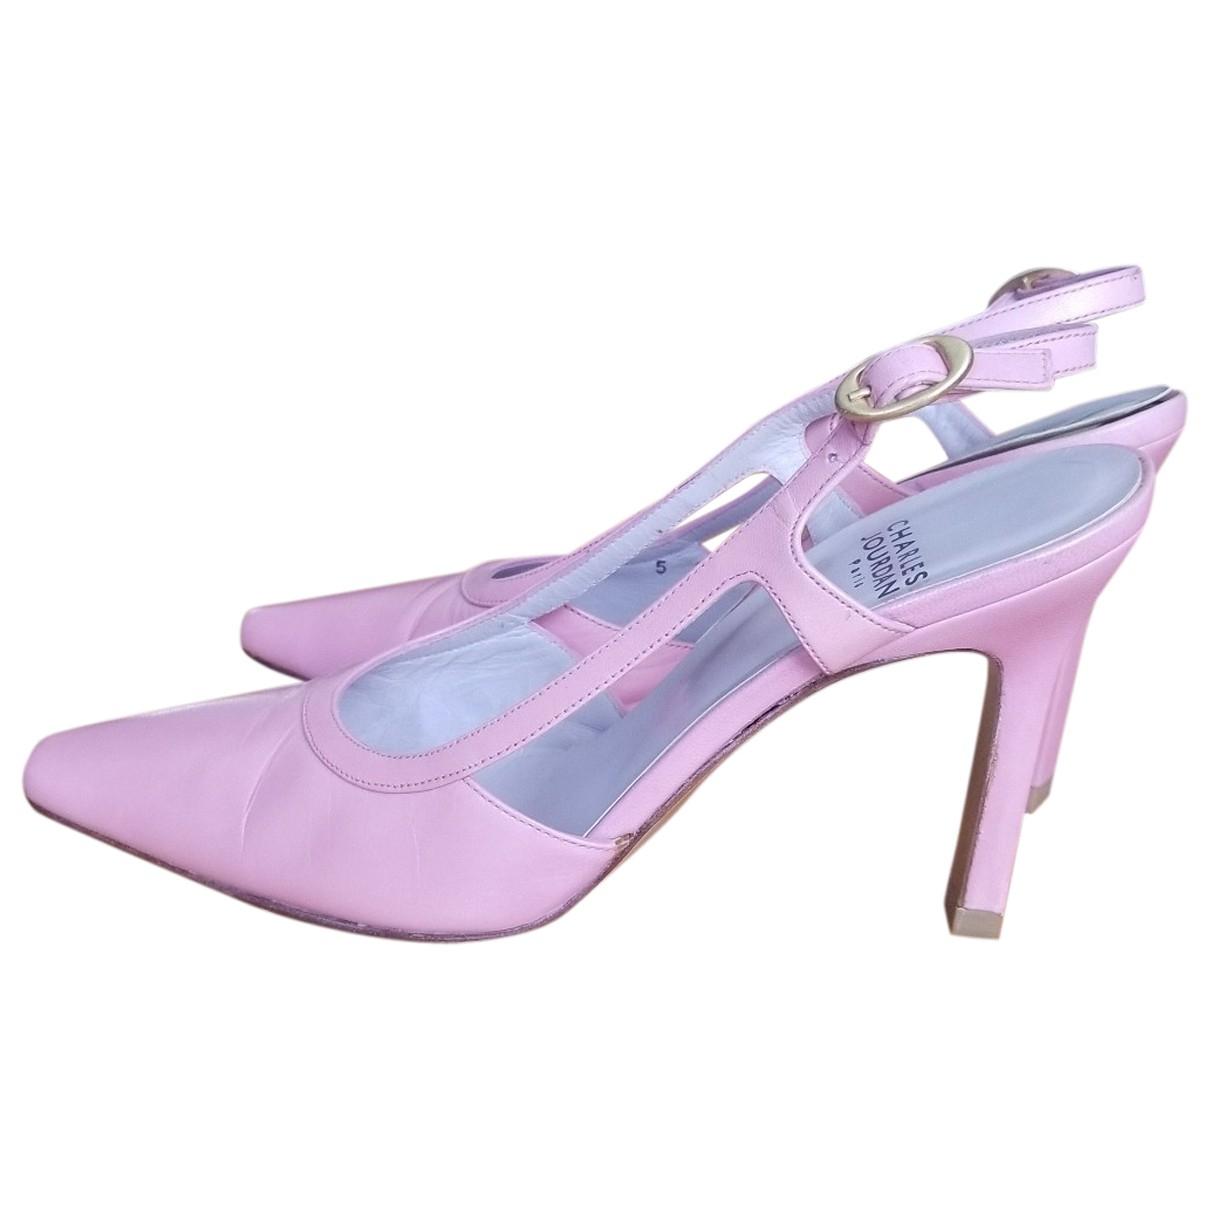 Charles Jourdan \N Pink Leather Heels for Women 5 US